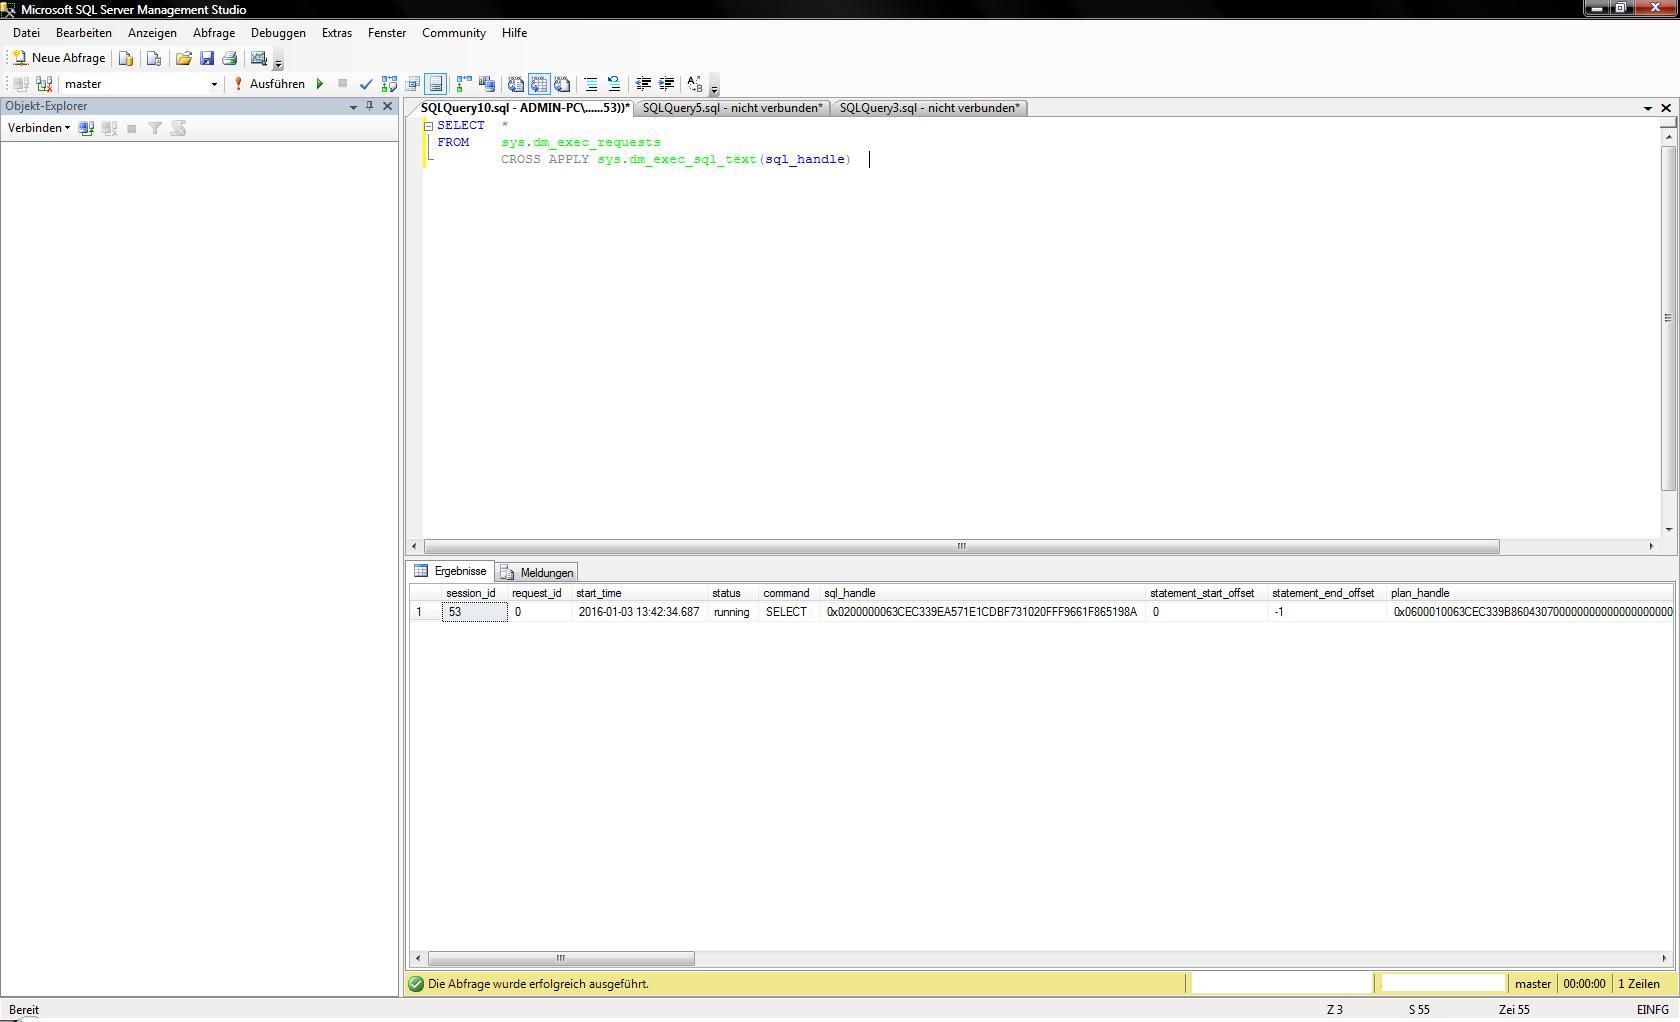 Gemütlich Kombinieren Datenrahmen In R Ideen - Benutzerdefinierte ...